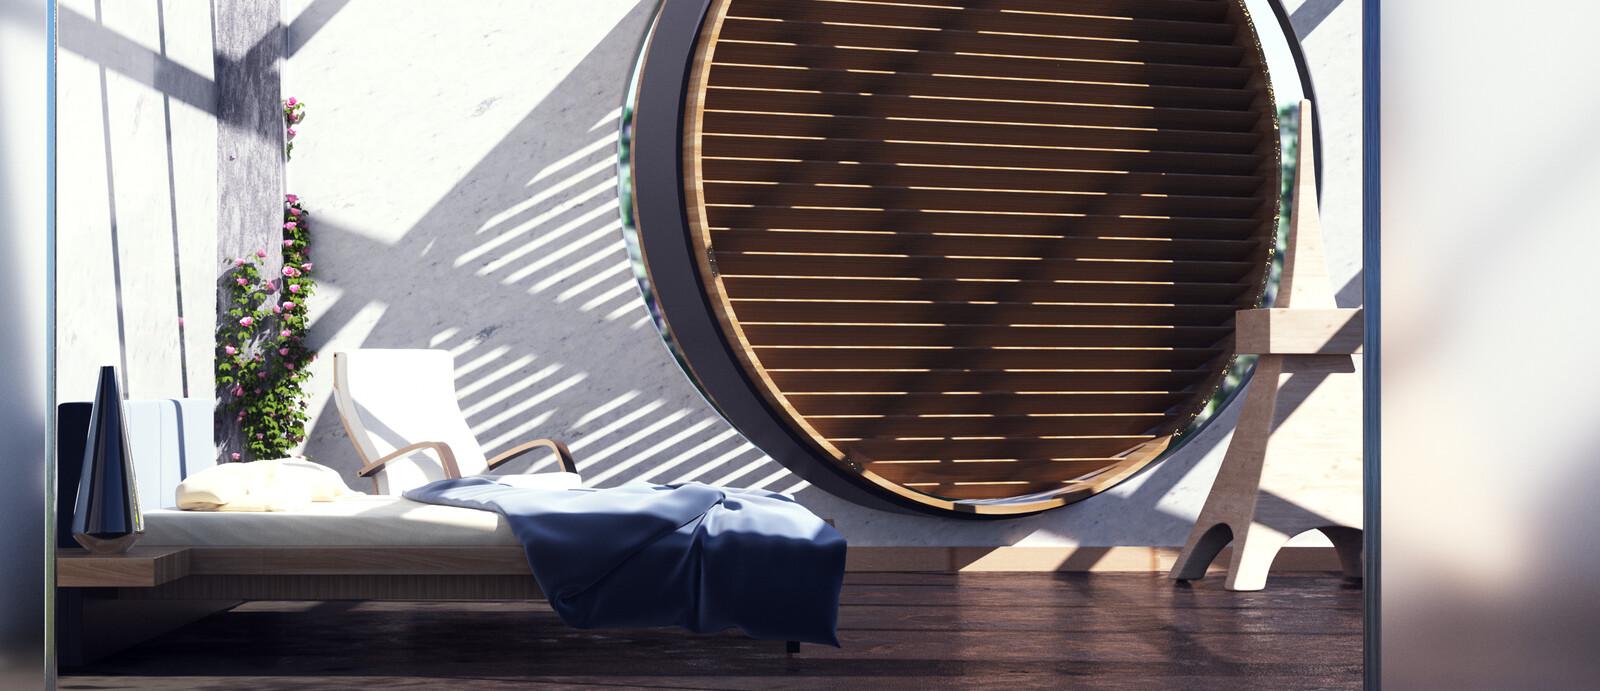 Latticework roof _Lima